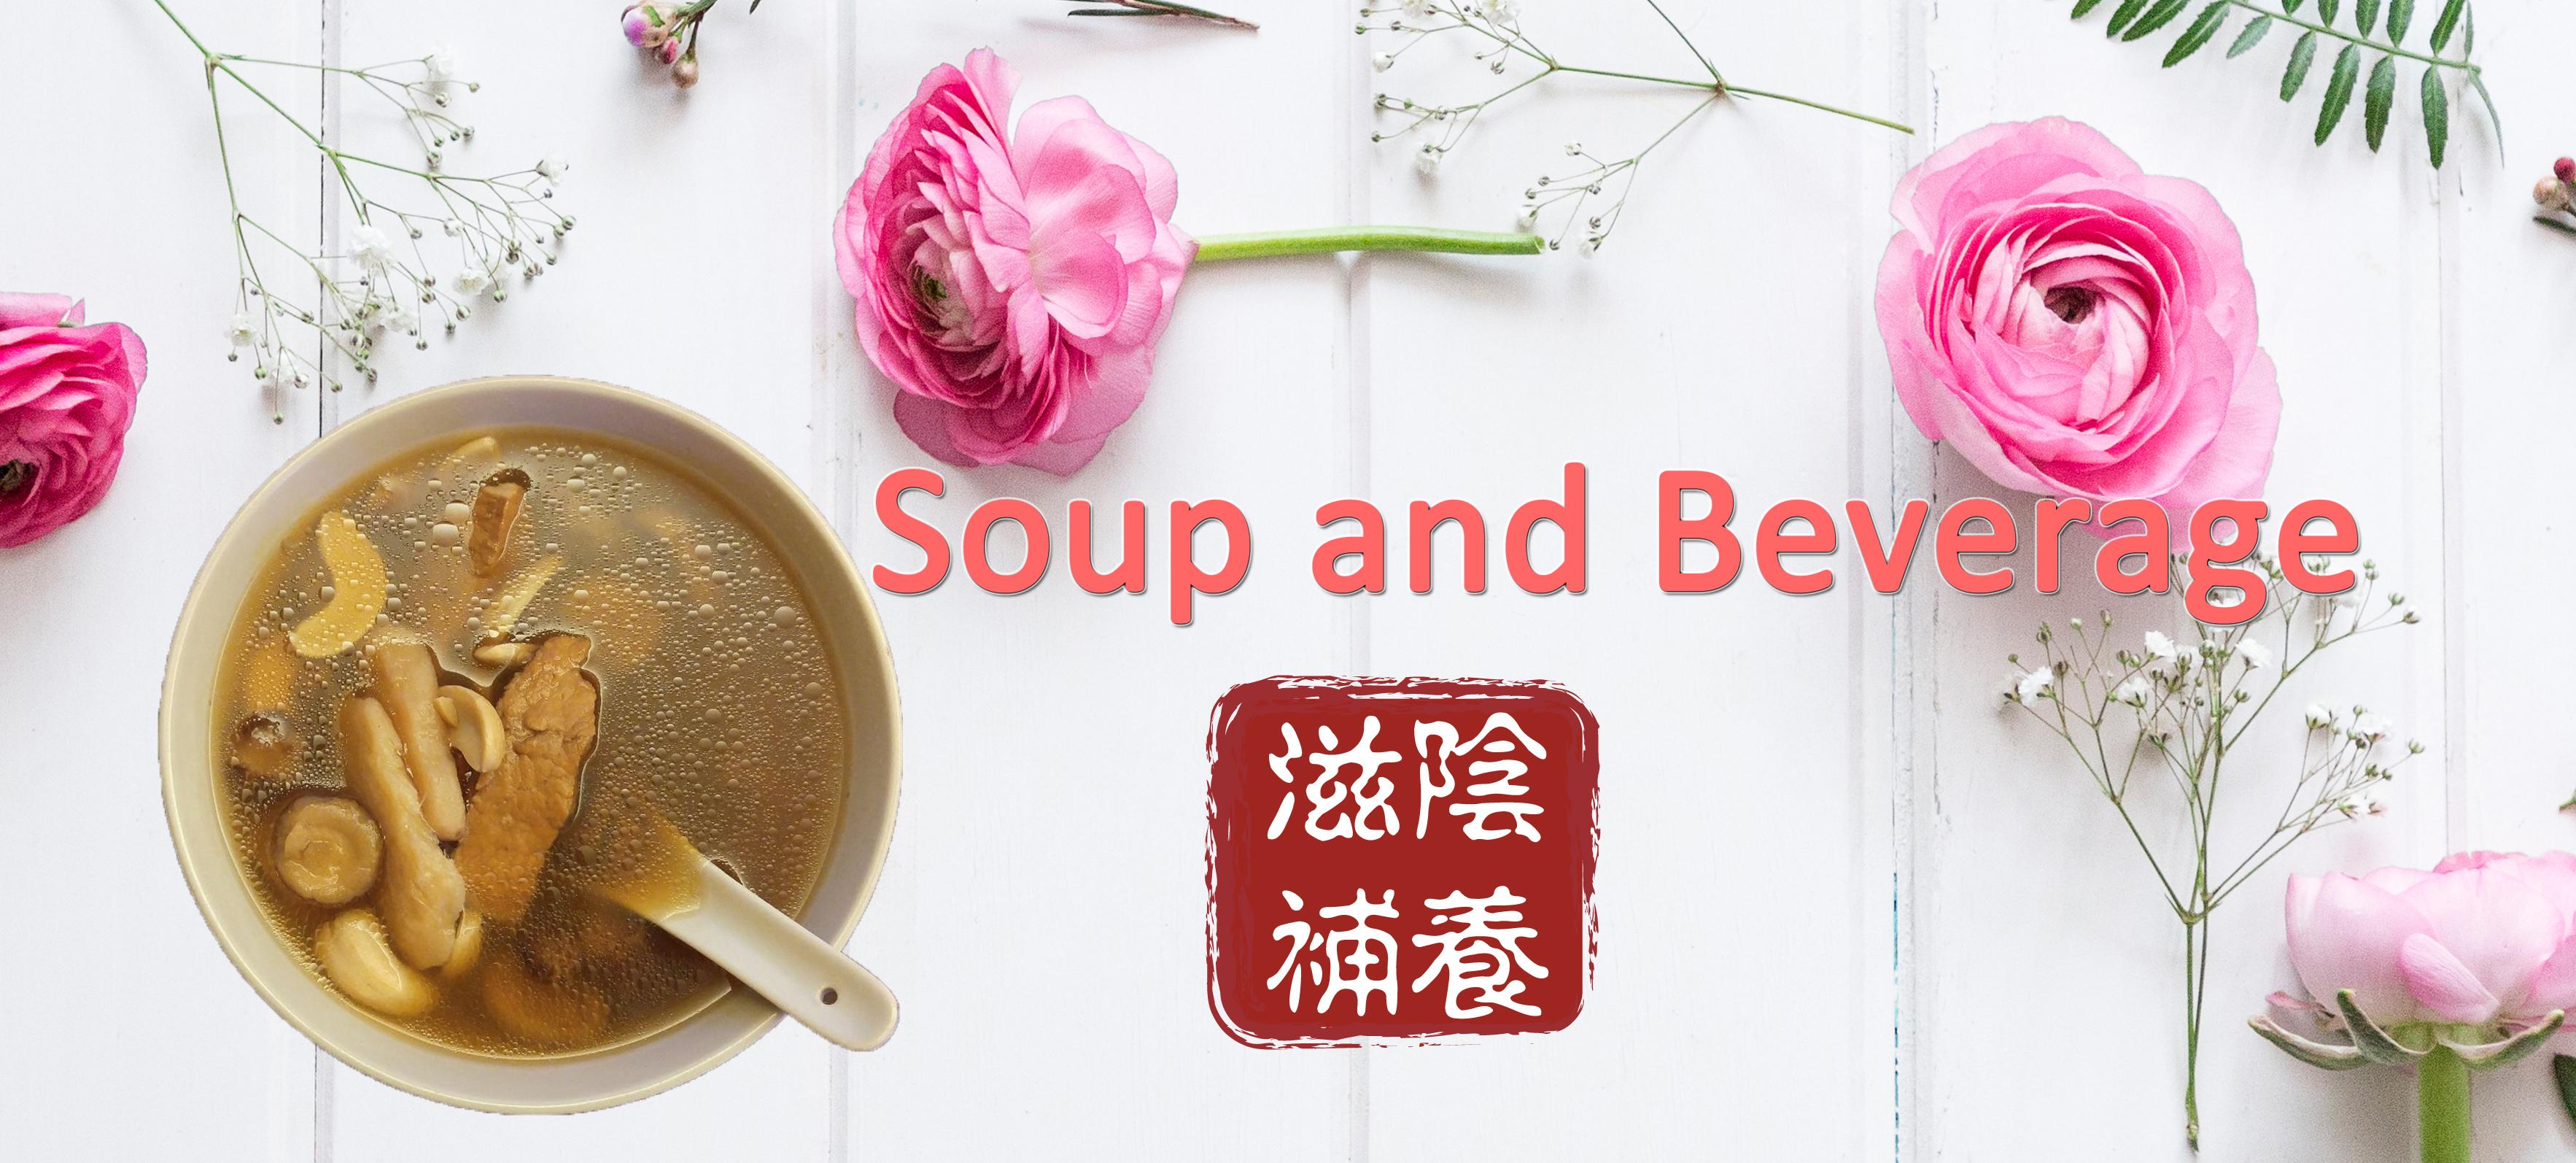 湯包及飲品類 — 養生最好方法